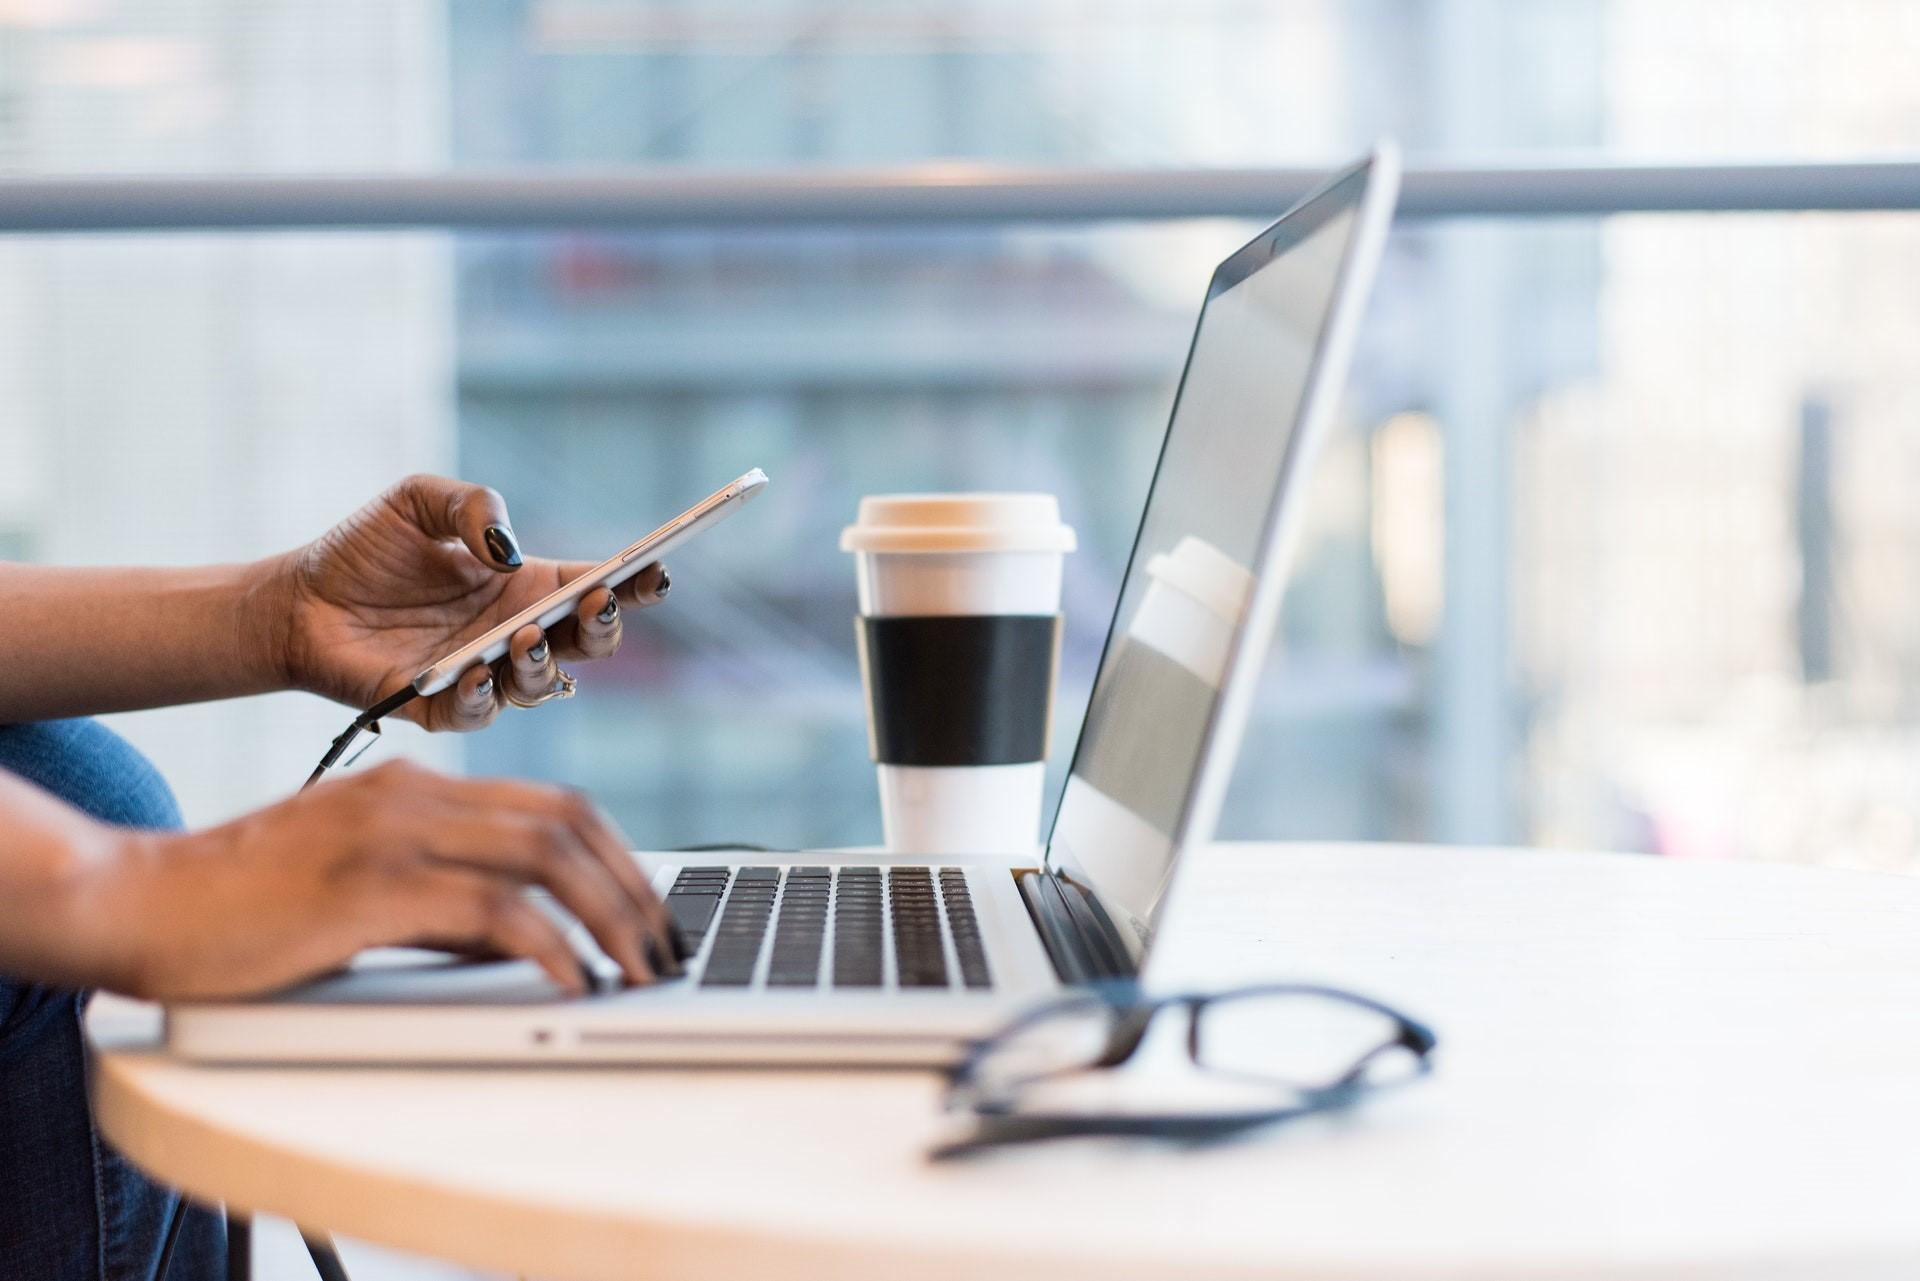 sprawdzanie firmy po NIP przez Internet